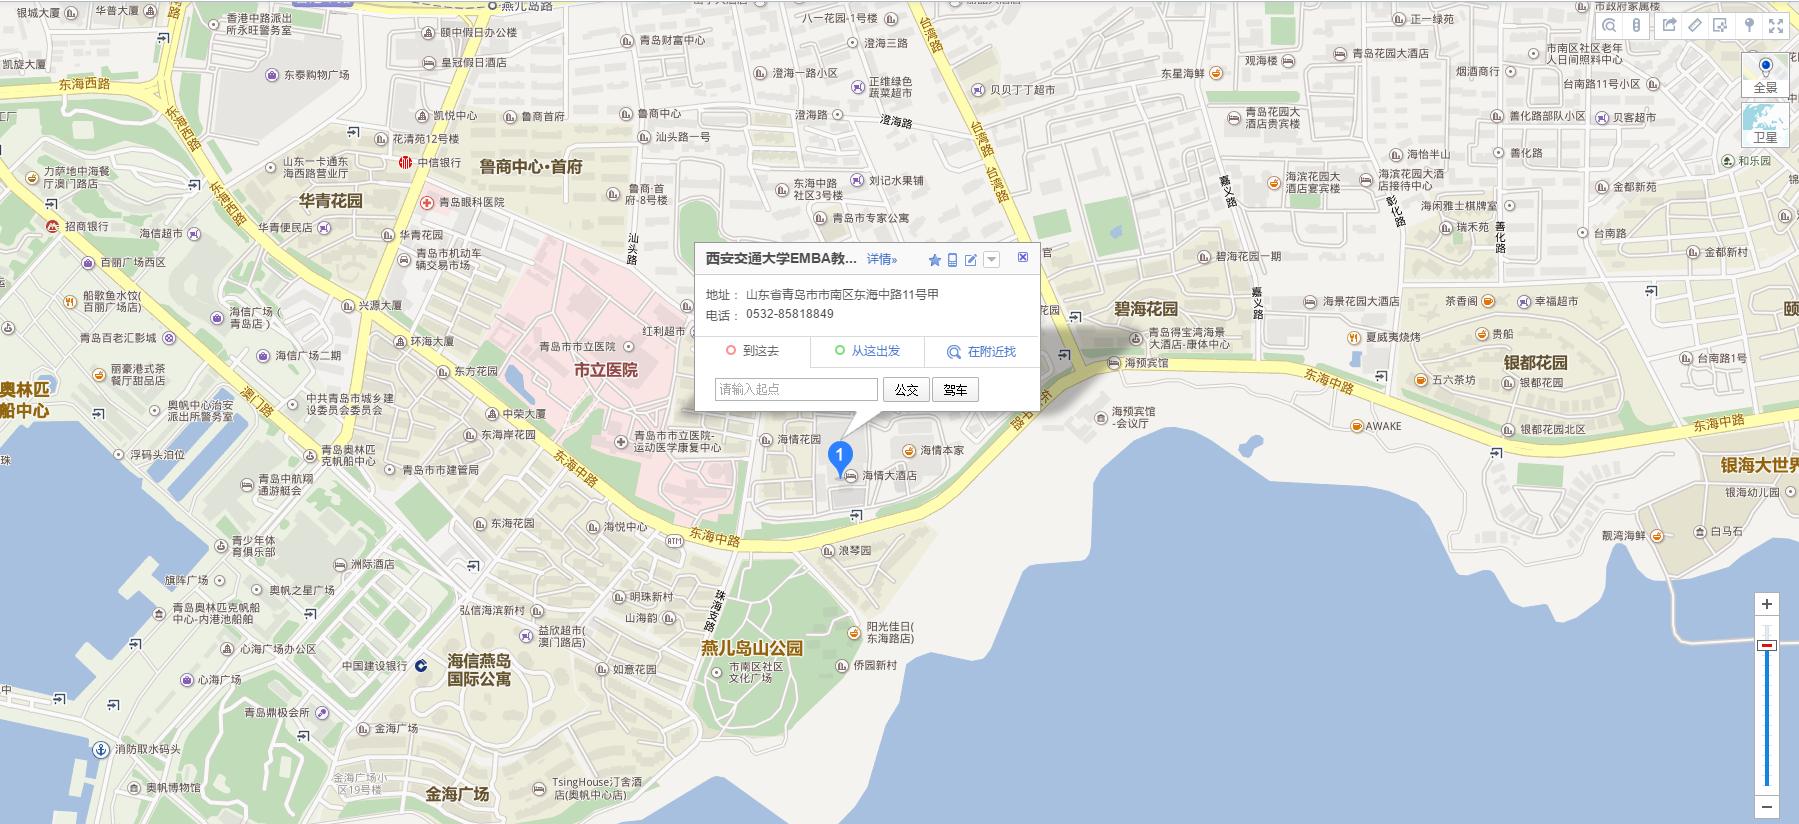 西安交通大学EMBA青岛教育中心地图